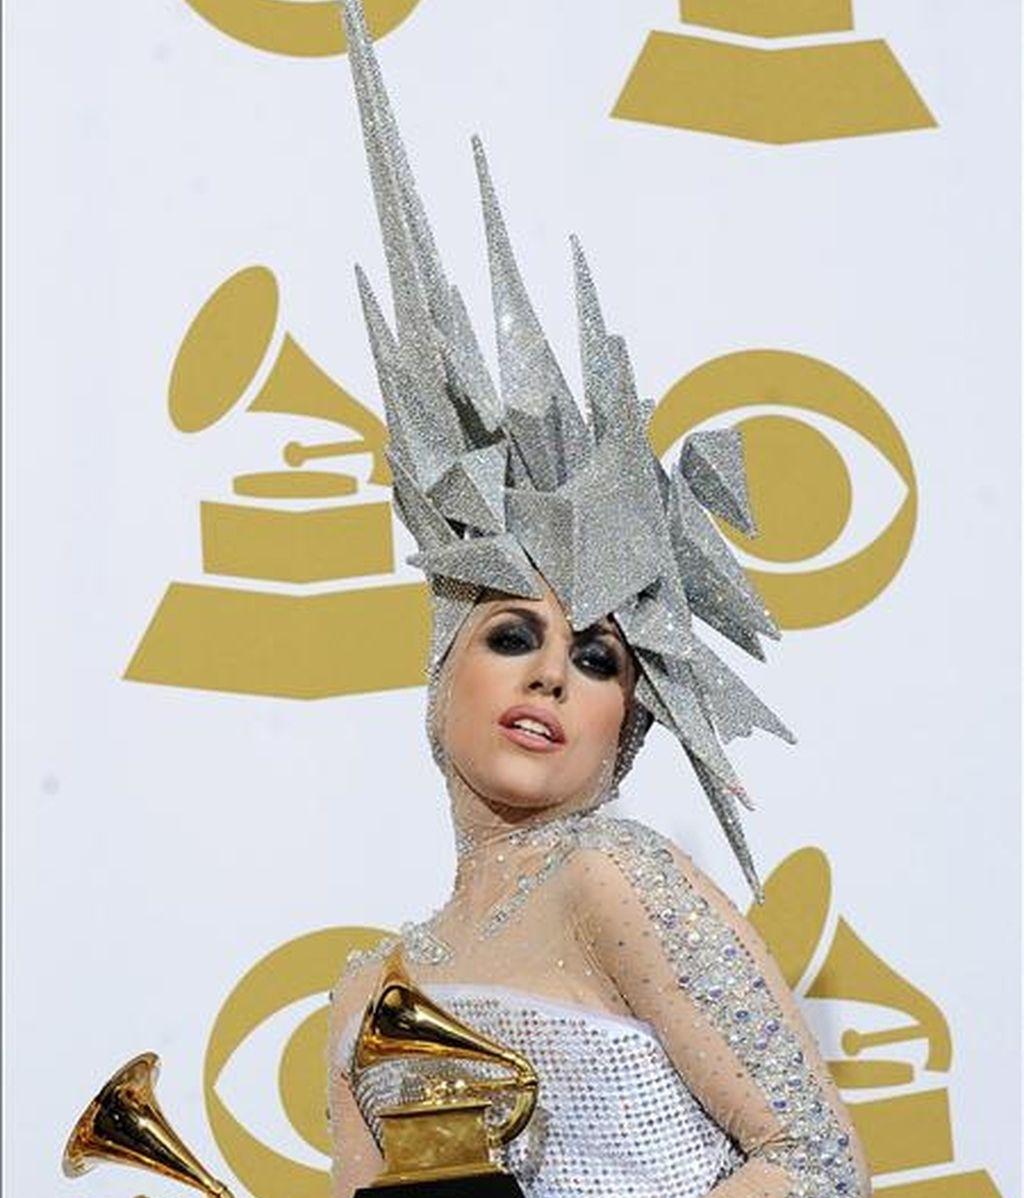 En la imagen, la cantante Lady Gaga mientras posa con dos premios durante la 52ª ceremonia de entrega de premios Grammy en el Staples Center de Los Angeles, California (Estados Unidos). EFE/Archivo